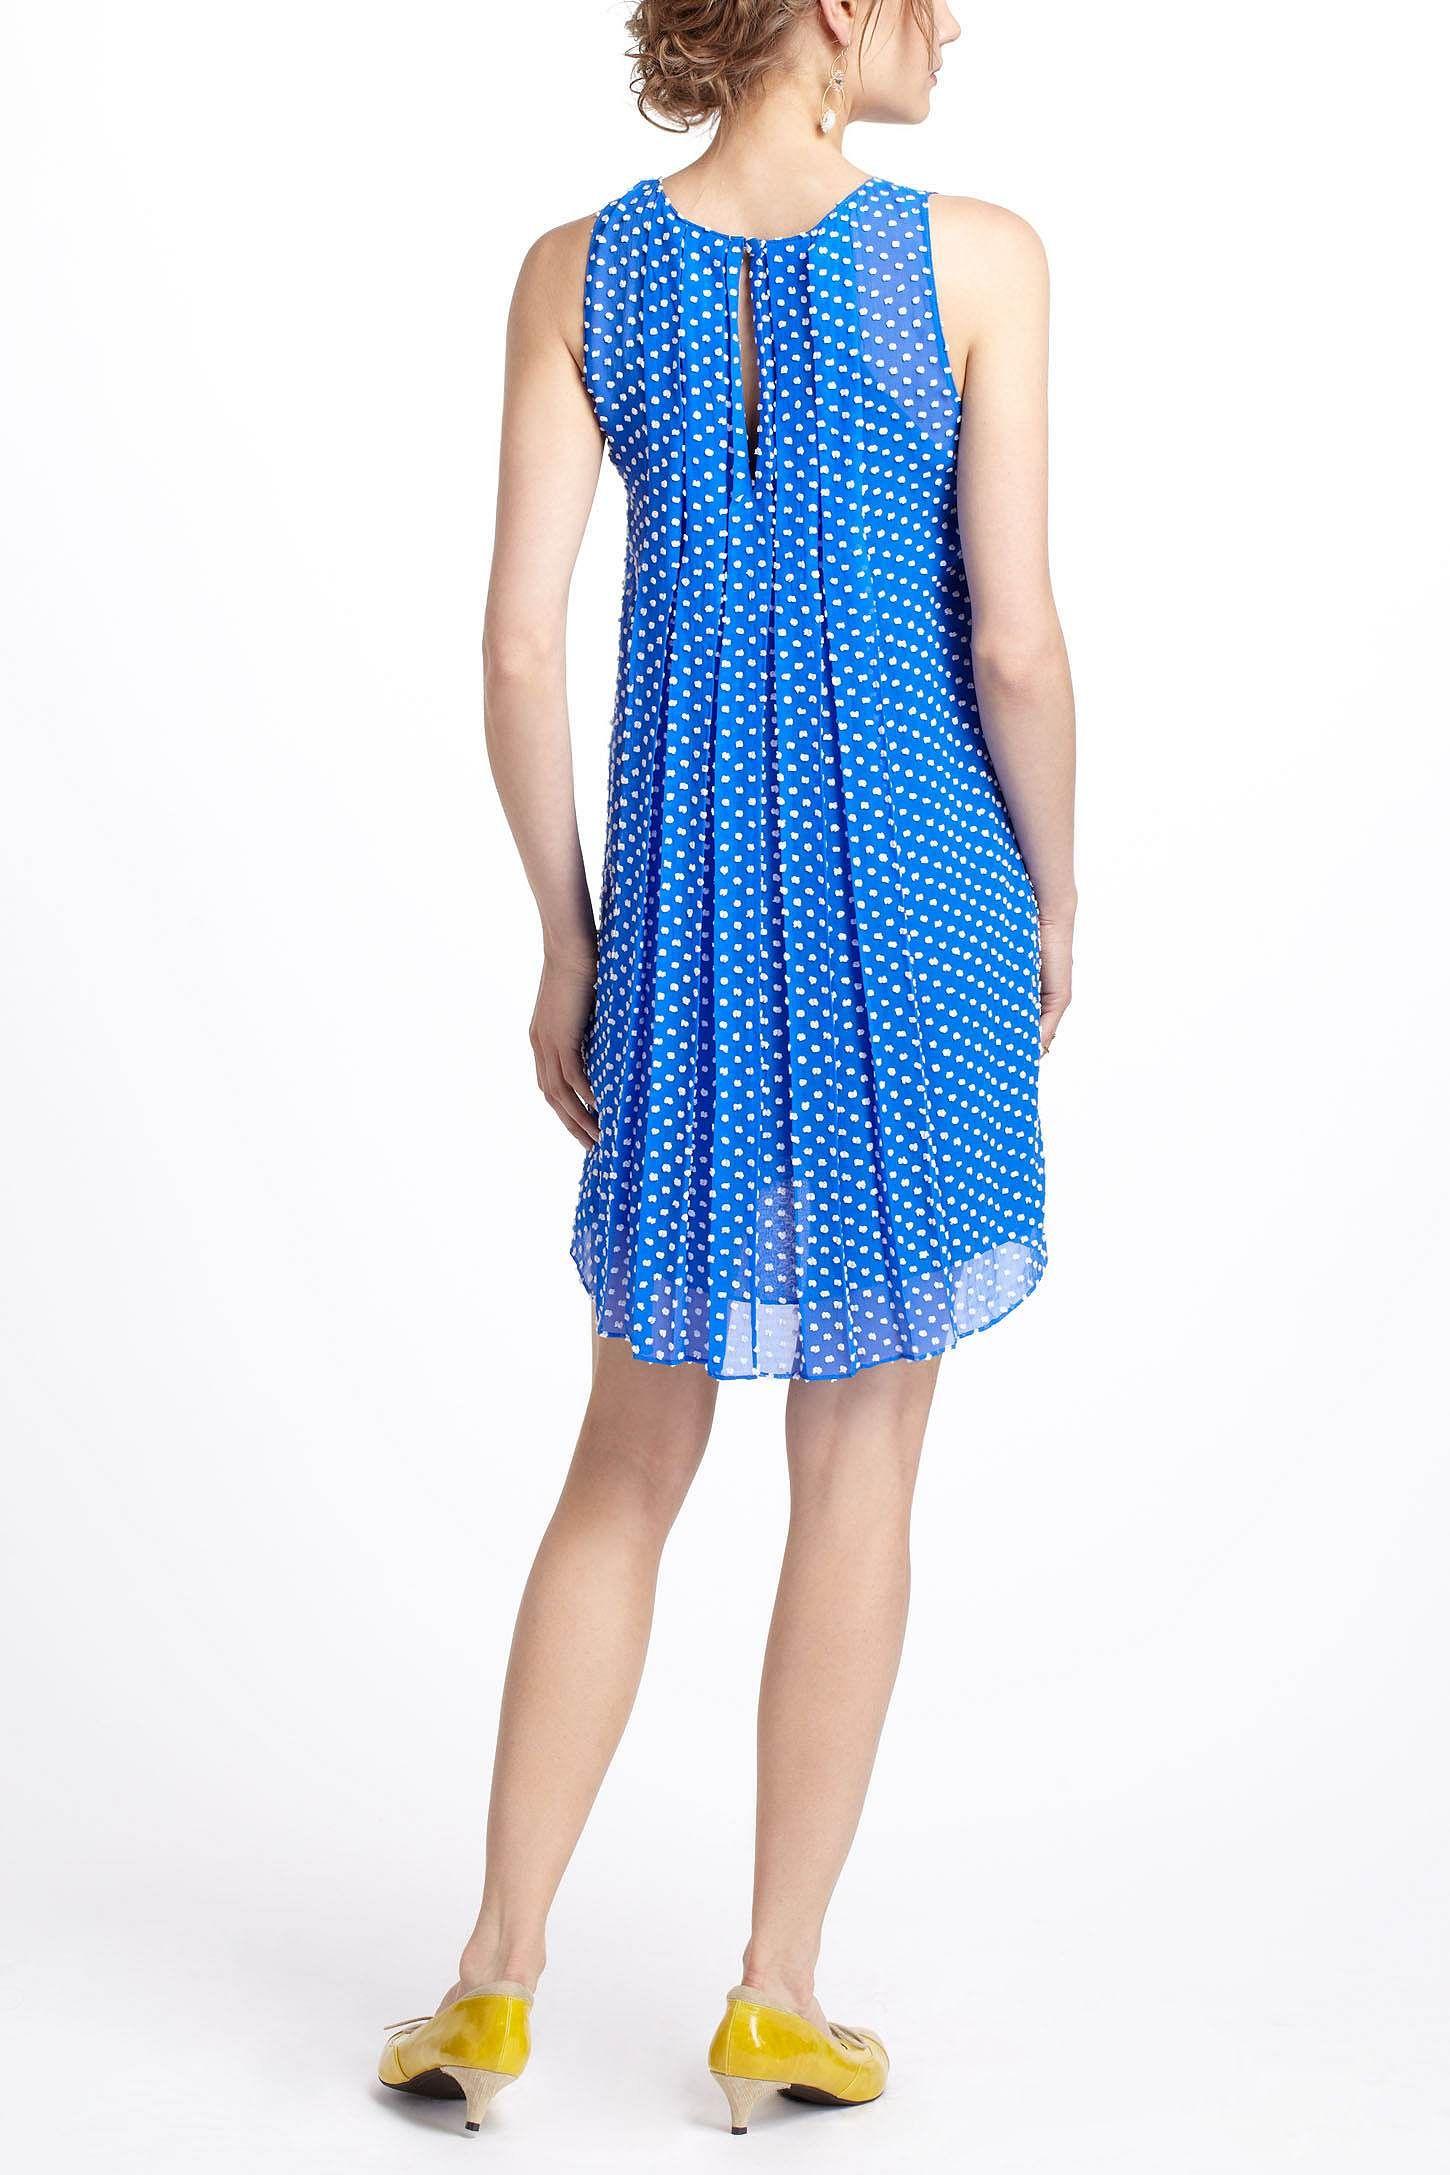 Flocked Speckle Dress #cobaltdress